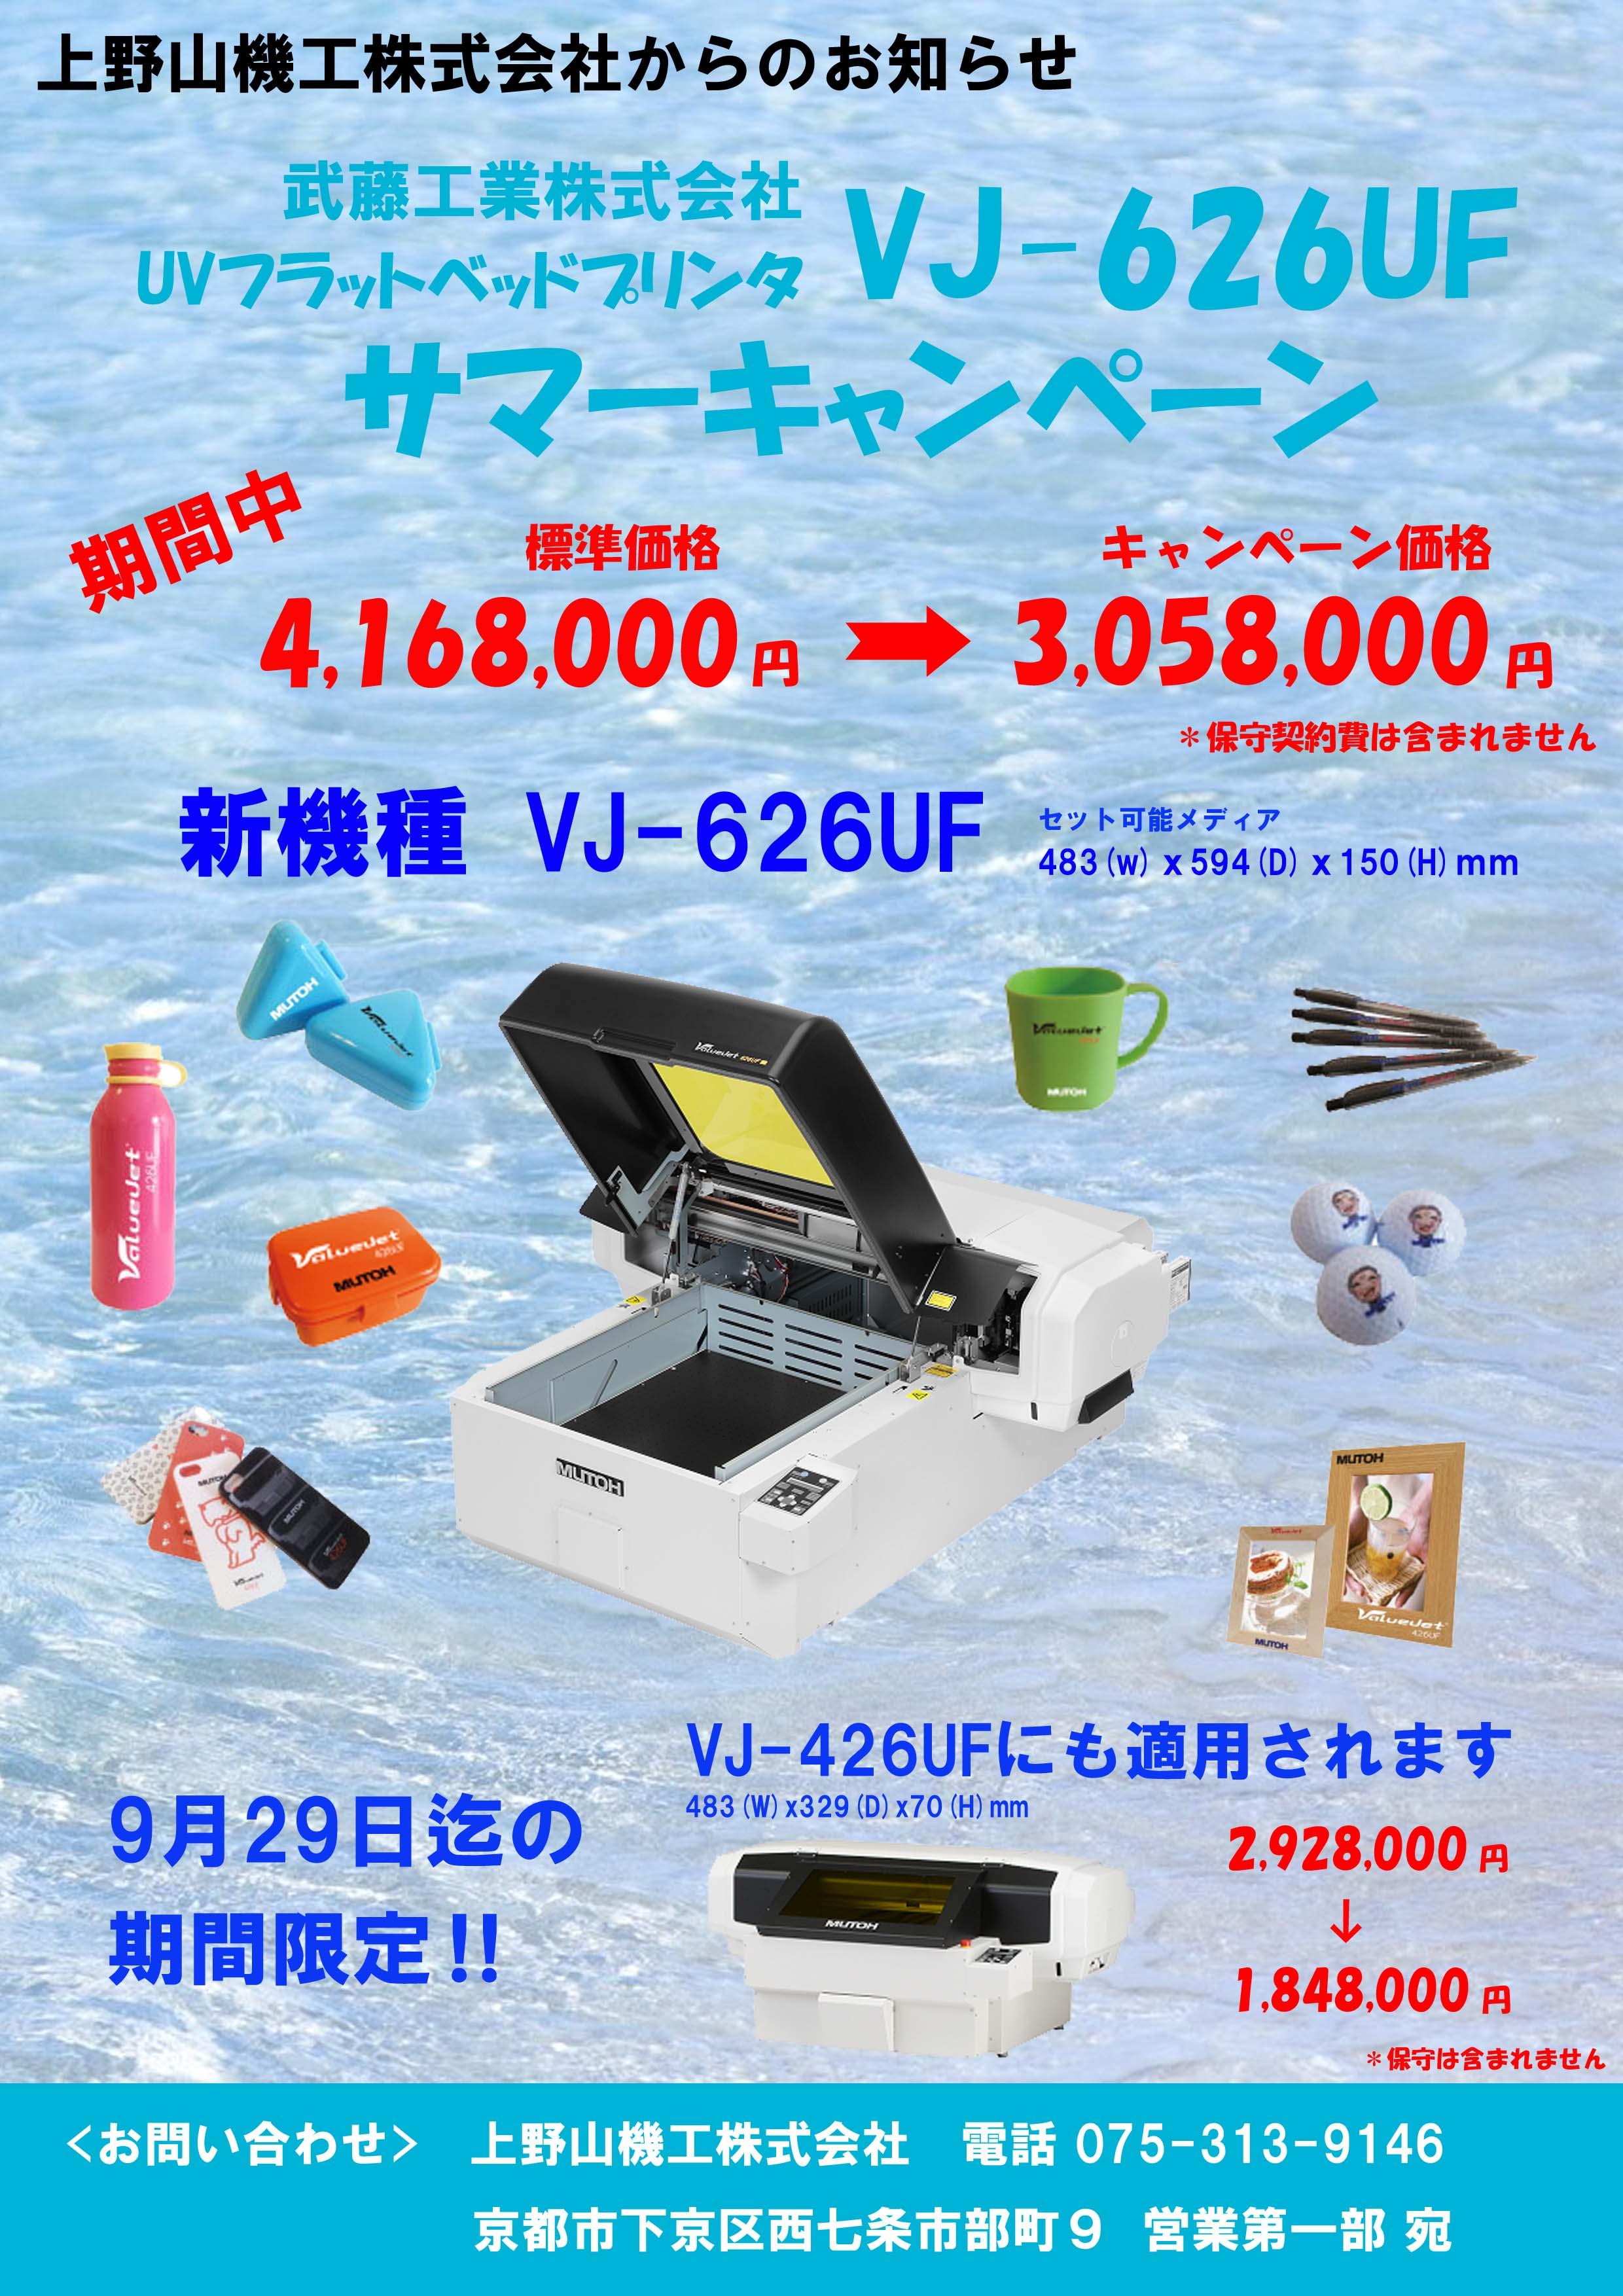 武藤工業UVプリンタVJ-626UF サマーキャンペーンを実施